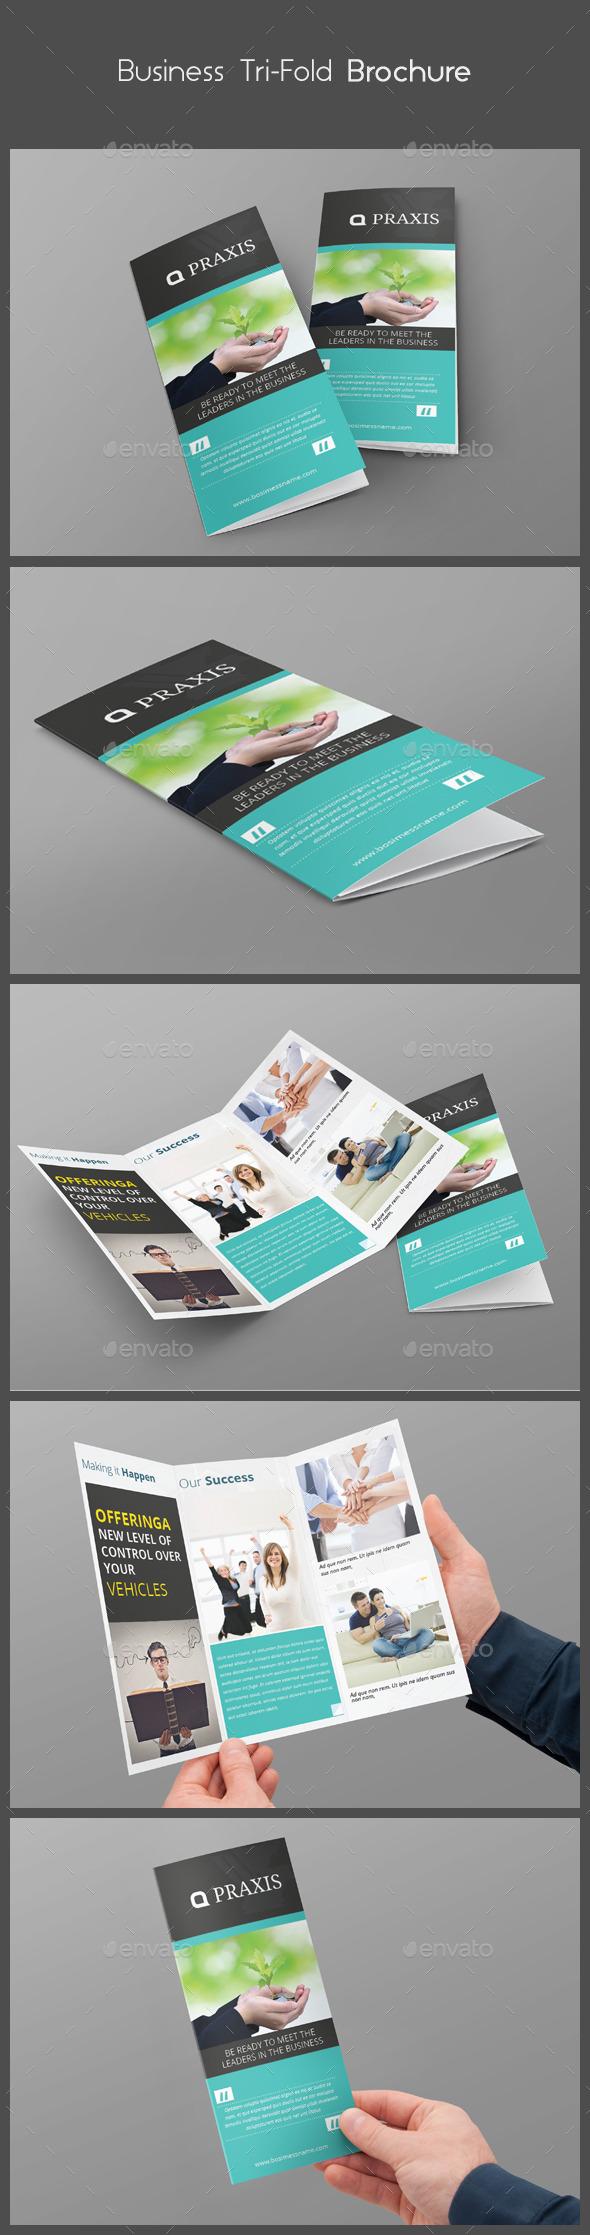 GraphicRiver Business Tri-Fold Brochure 10509079